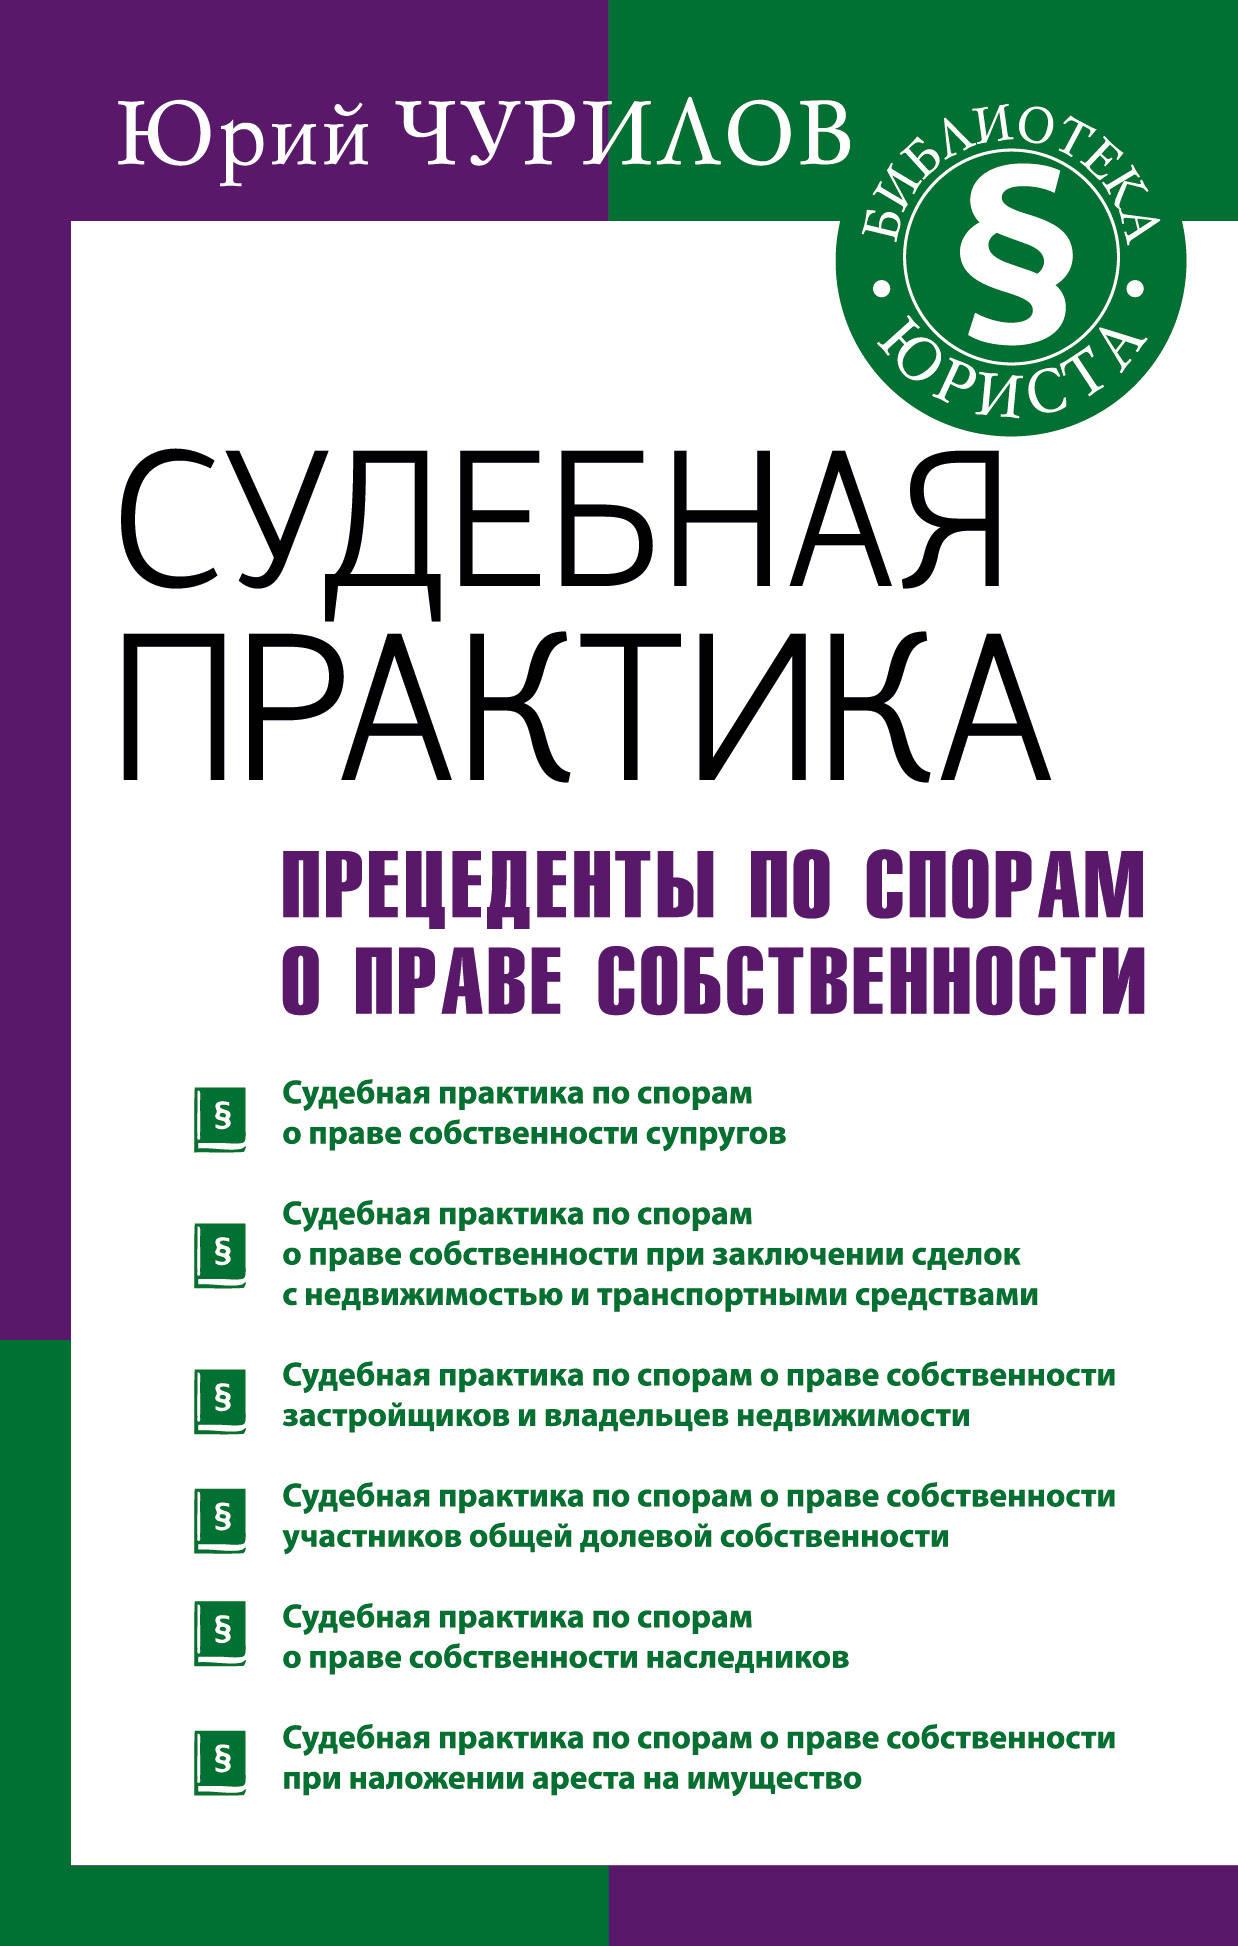 Чурилов Юрий Юрьевич Судебная практика. Прецеденты по спорам о праве собственности